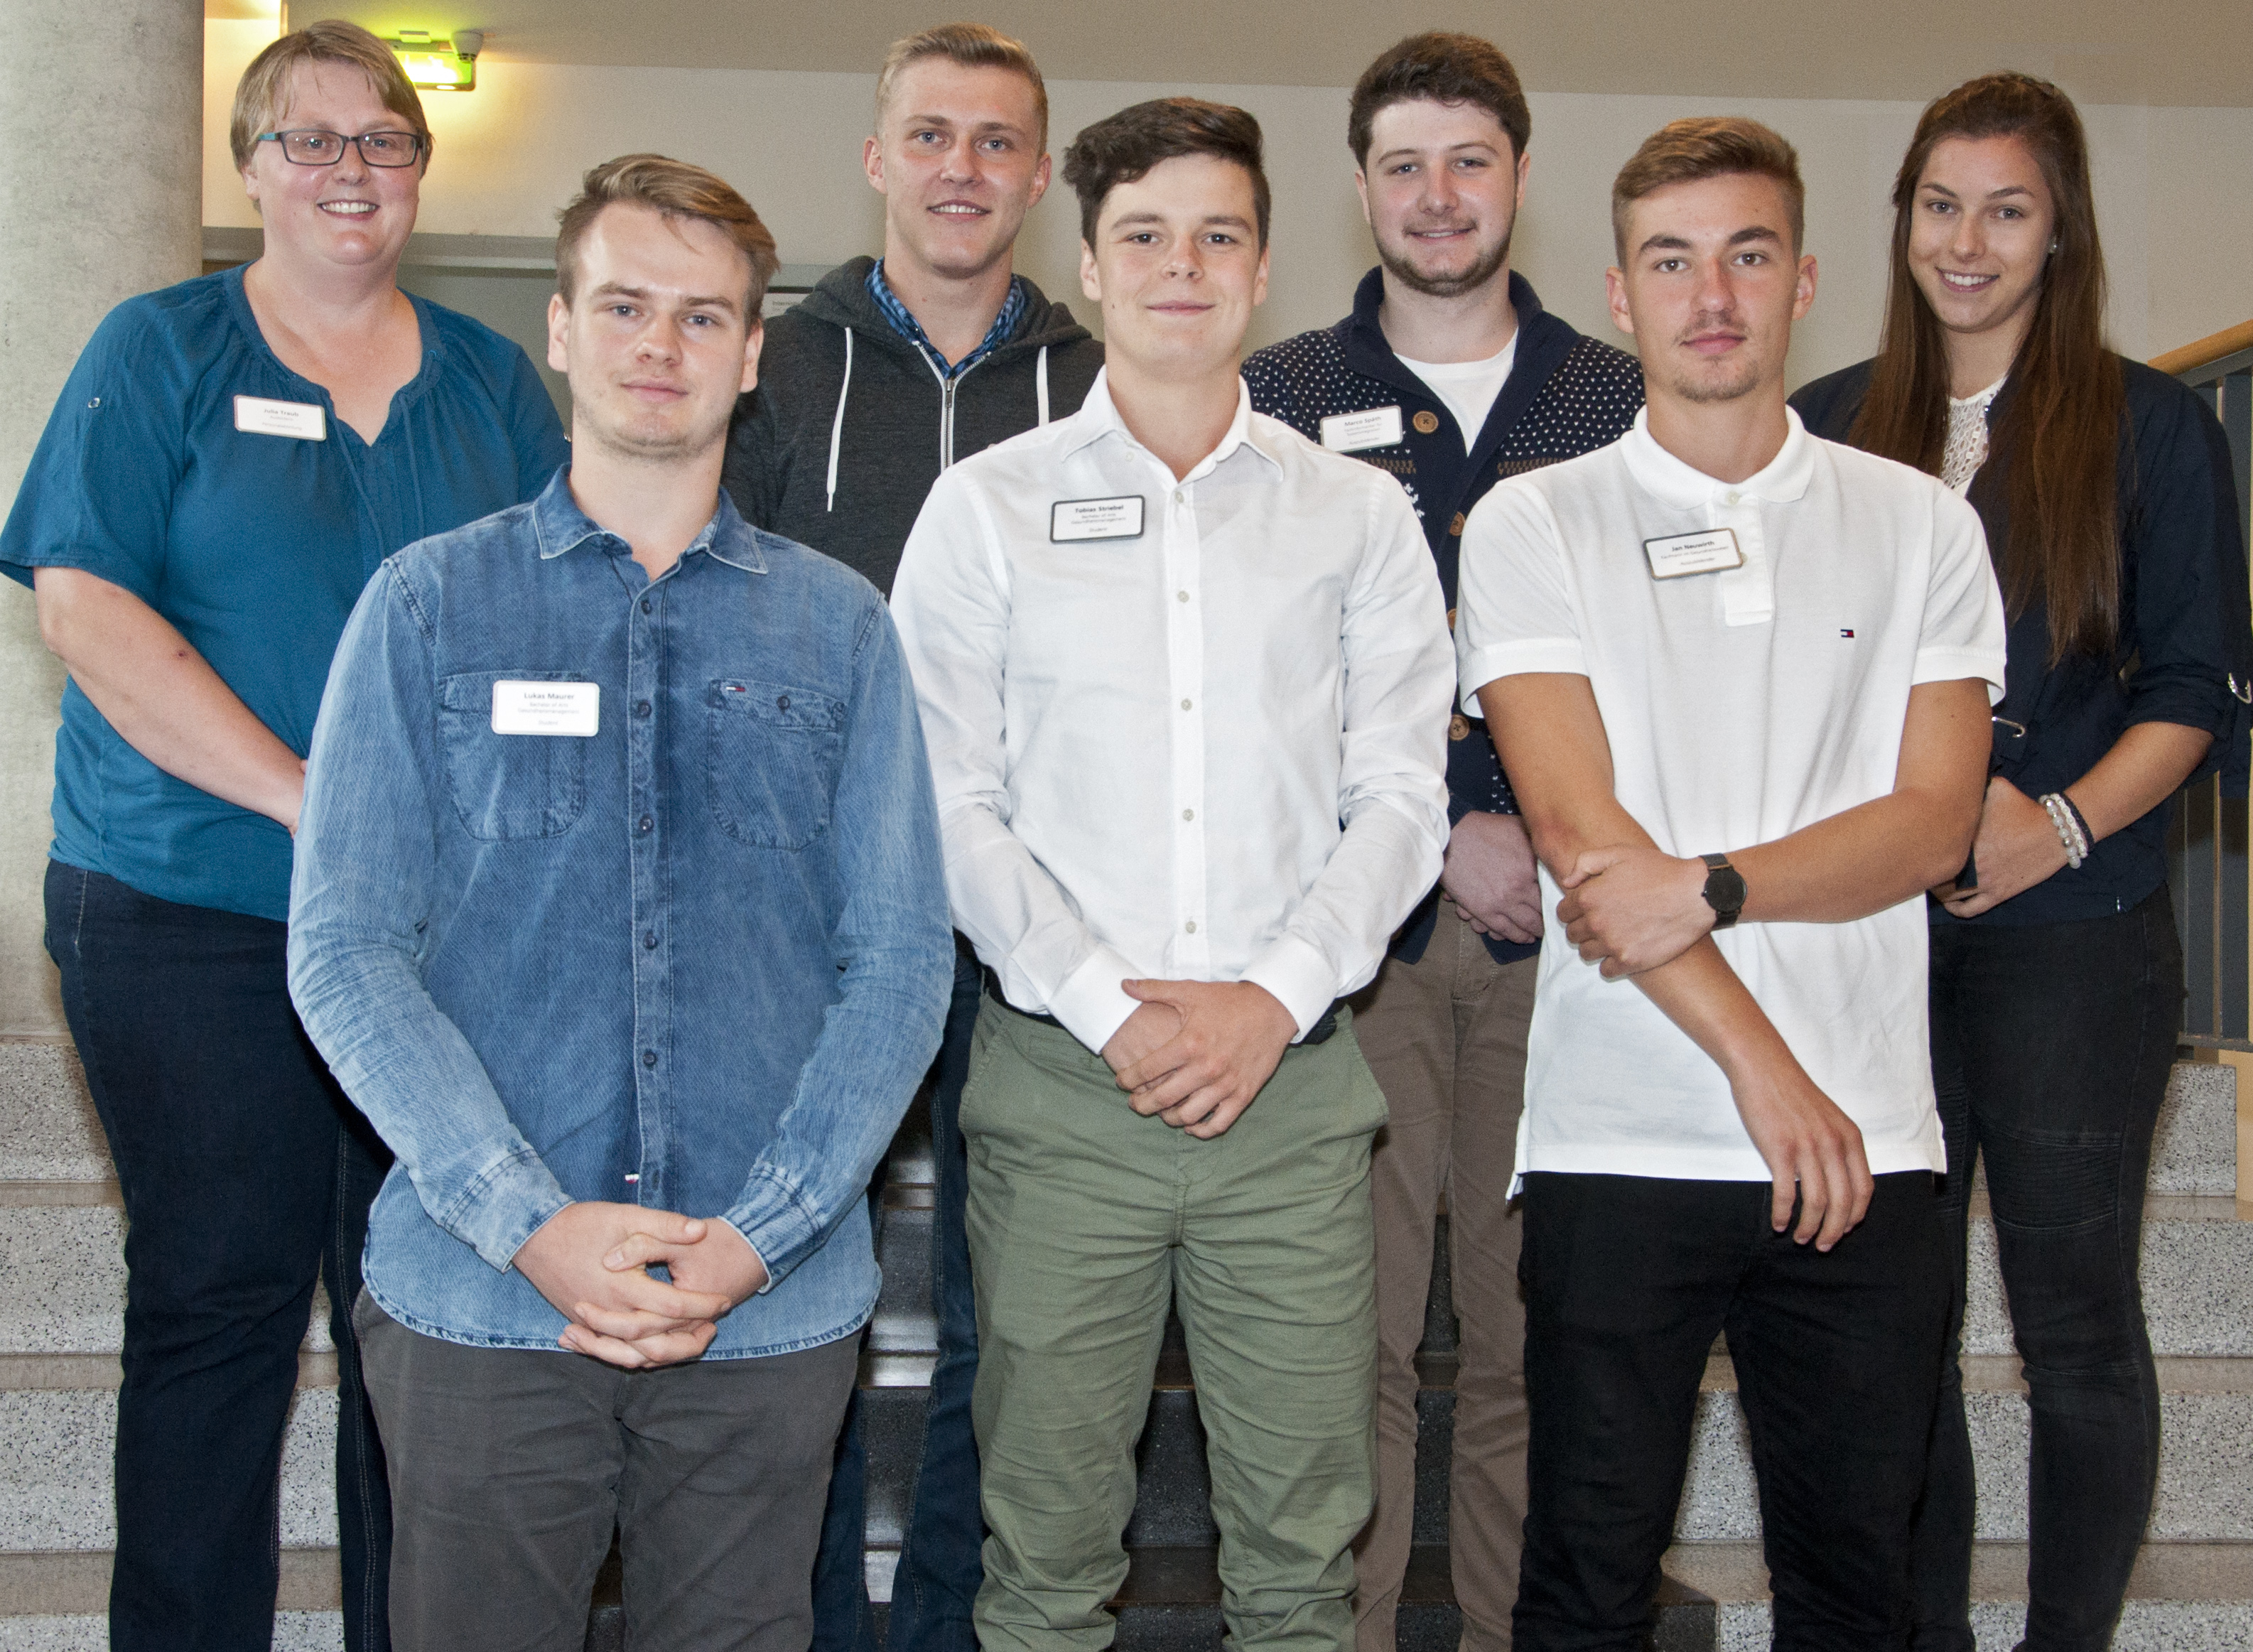 Auszubildende und Studenten des Kaufmännischen Bereichs mit Ausbildungsbeginn 2017